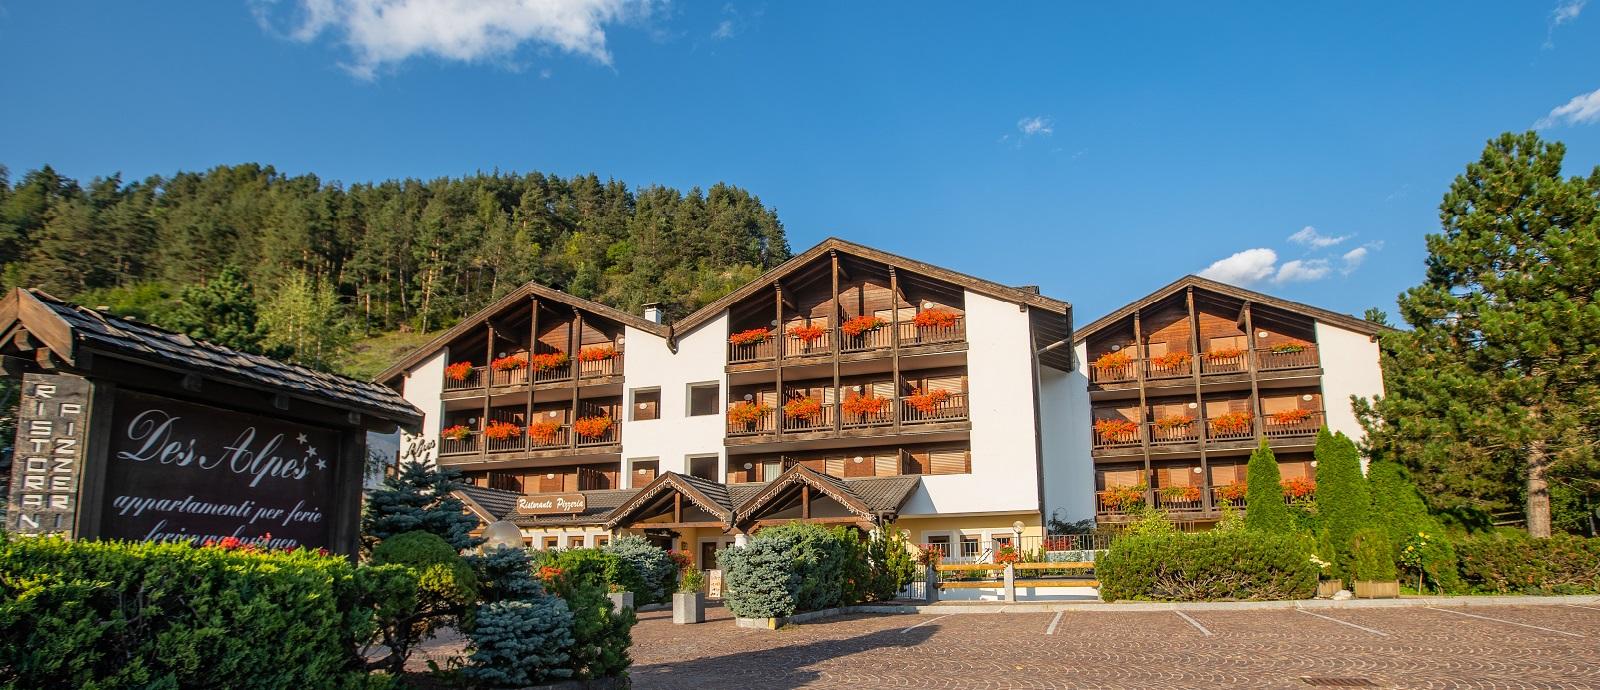 Trentino Residences Vacanze Nel Cuore Delle Dolomiti